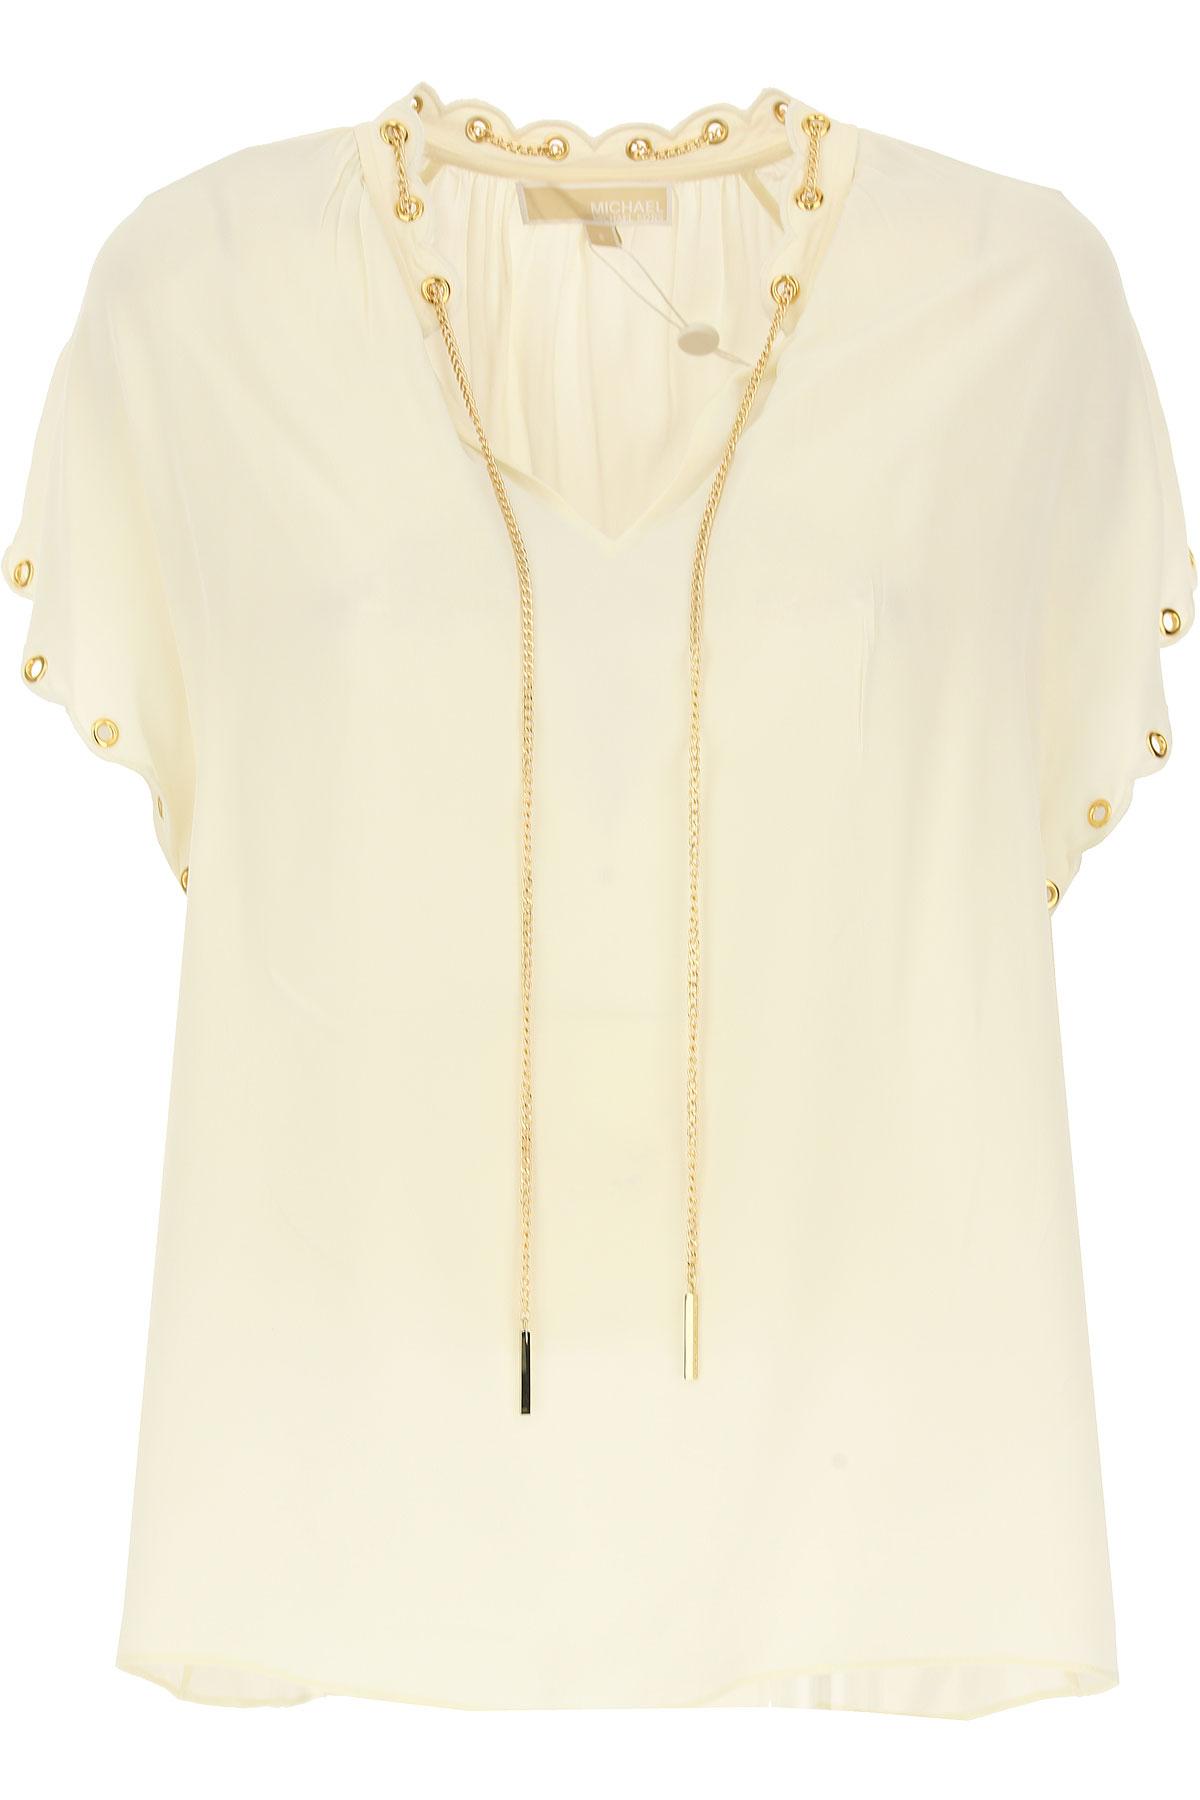 Michael Kors T-Shirt voor Dames In Aanbieding, Boon, Zijde, 2019, 38 40 44 M